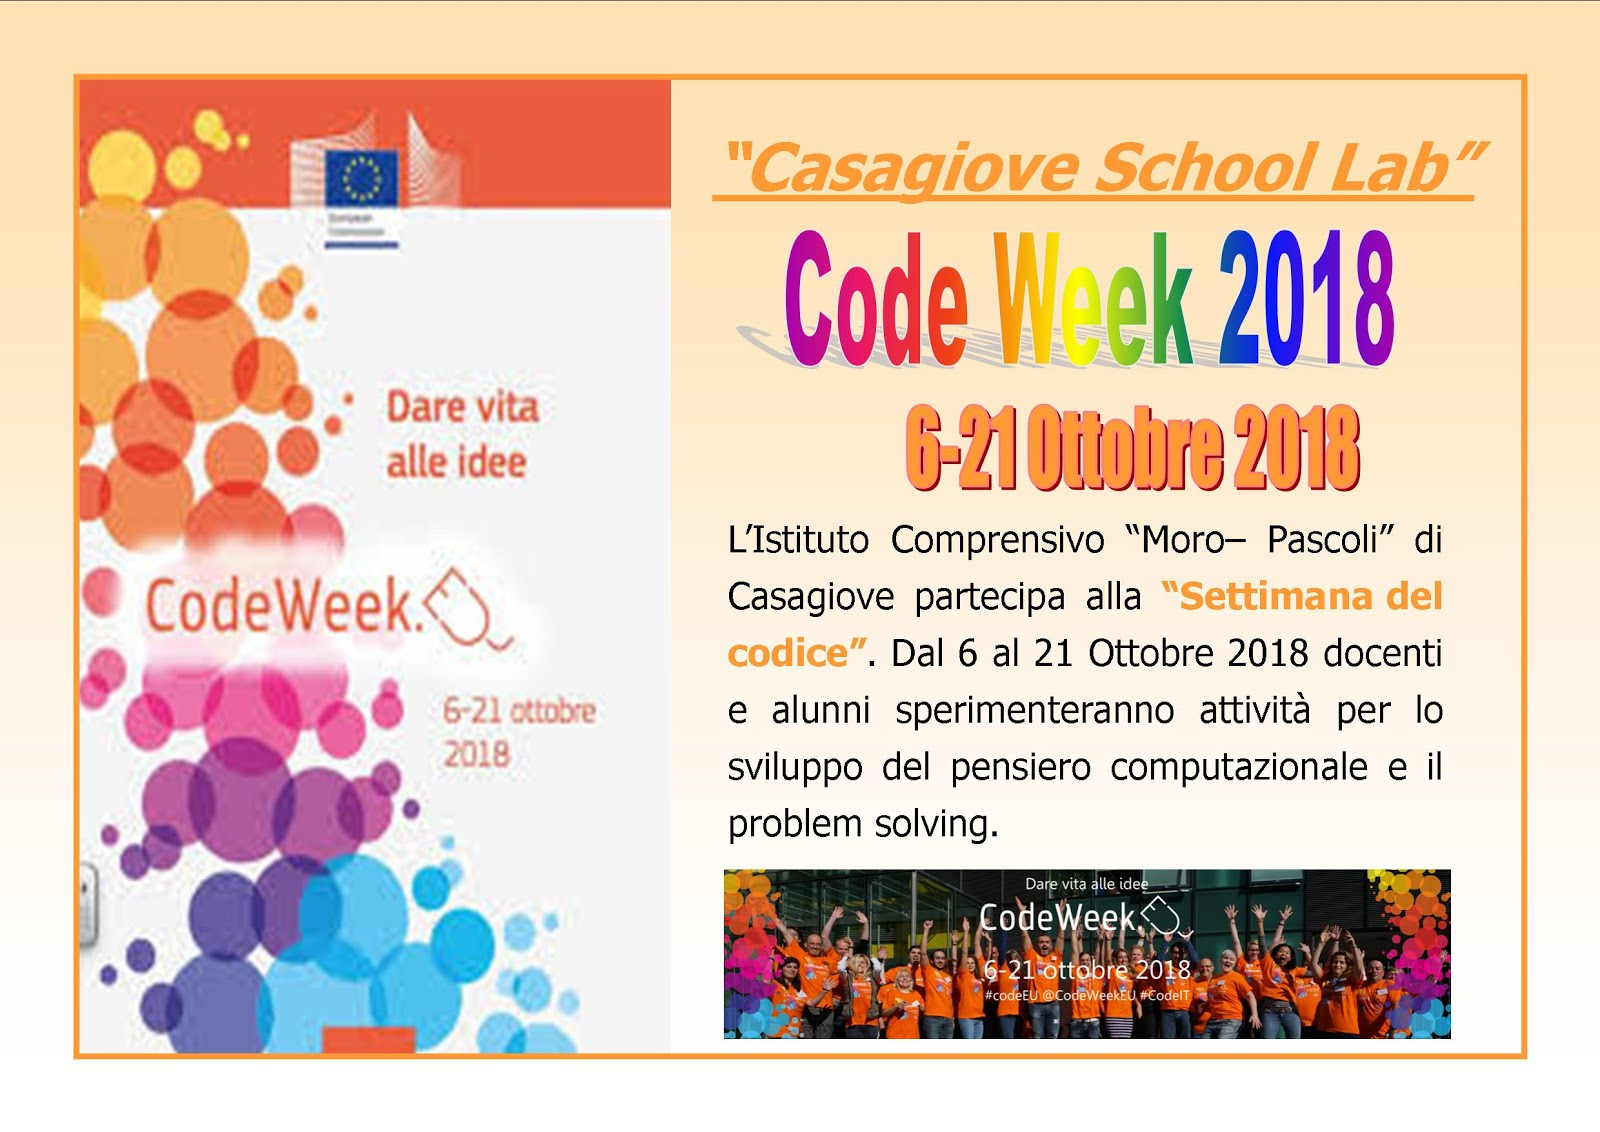 Europe code week